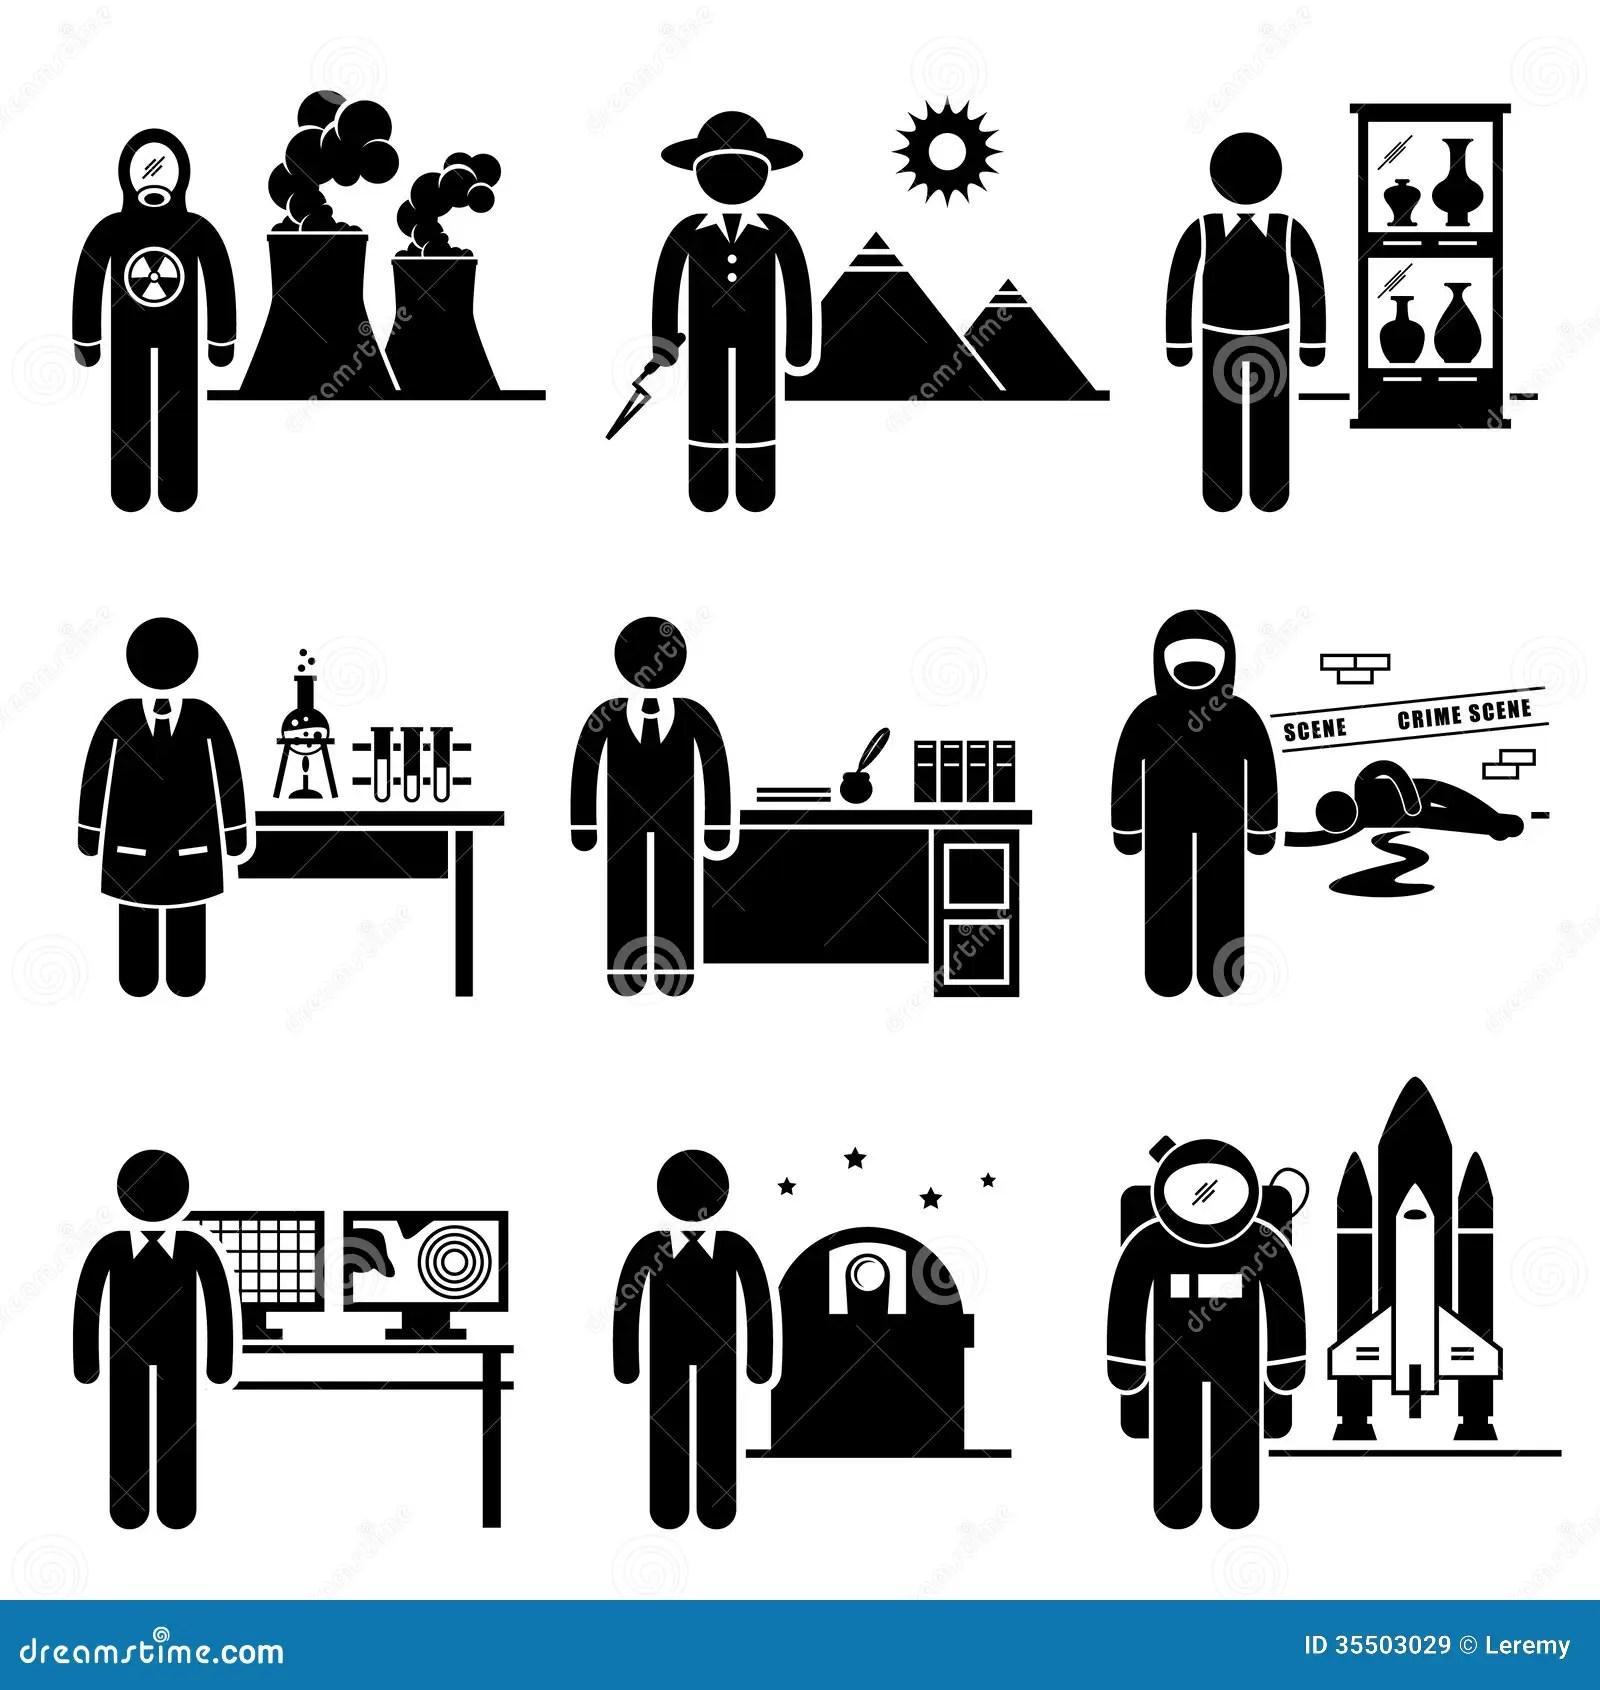 Wissenschaftler Professor Jobs Occupations Careers